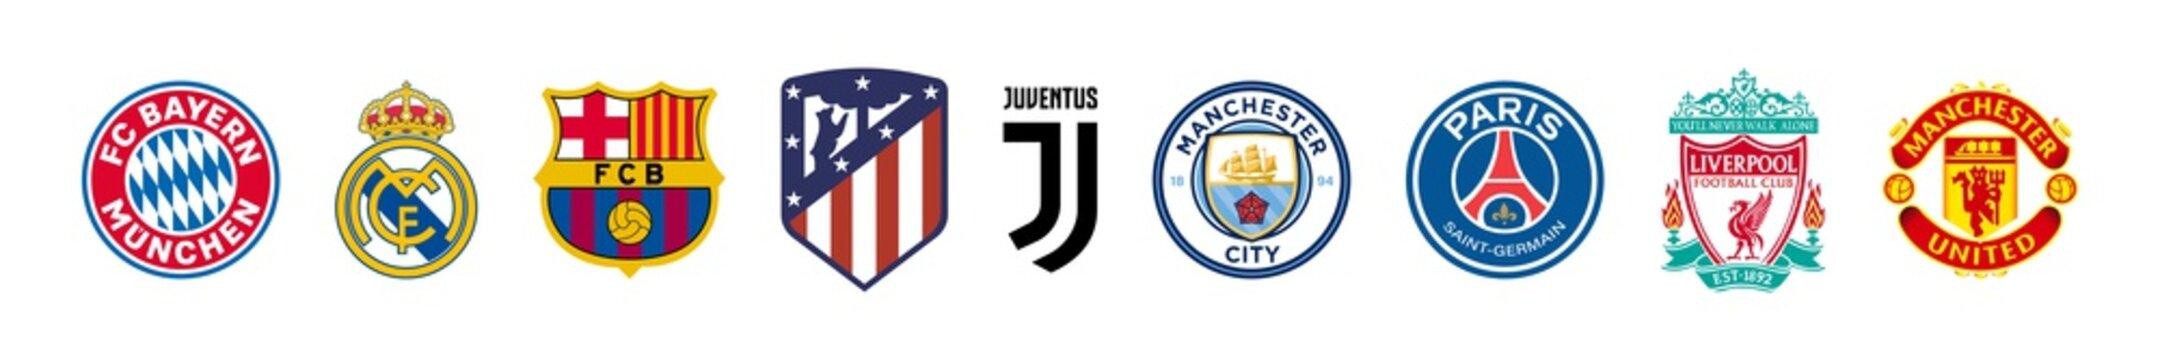 Top logos football team: real madrid, barcelona, juventus, manchester city, united, fcb, psg, liverpool, bayern munchen, atletico. Editorial vector illustration. Vinnitsa, Ukraine - October 18, 2020